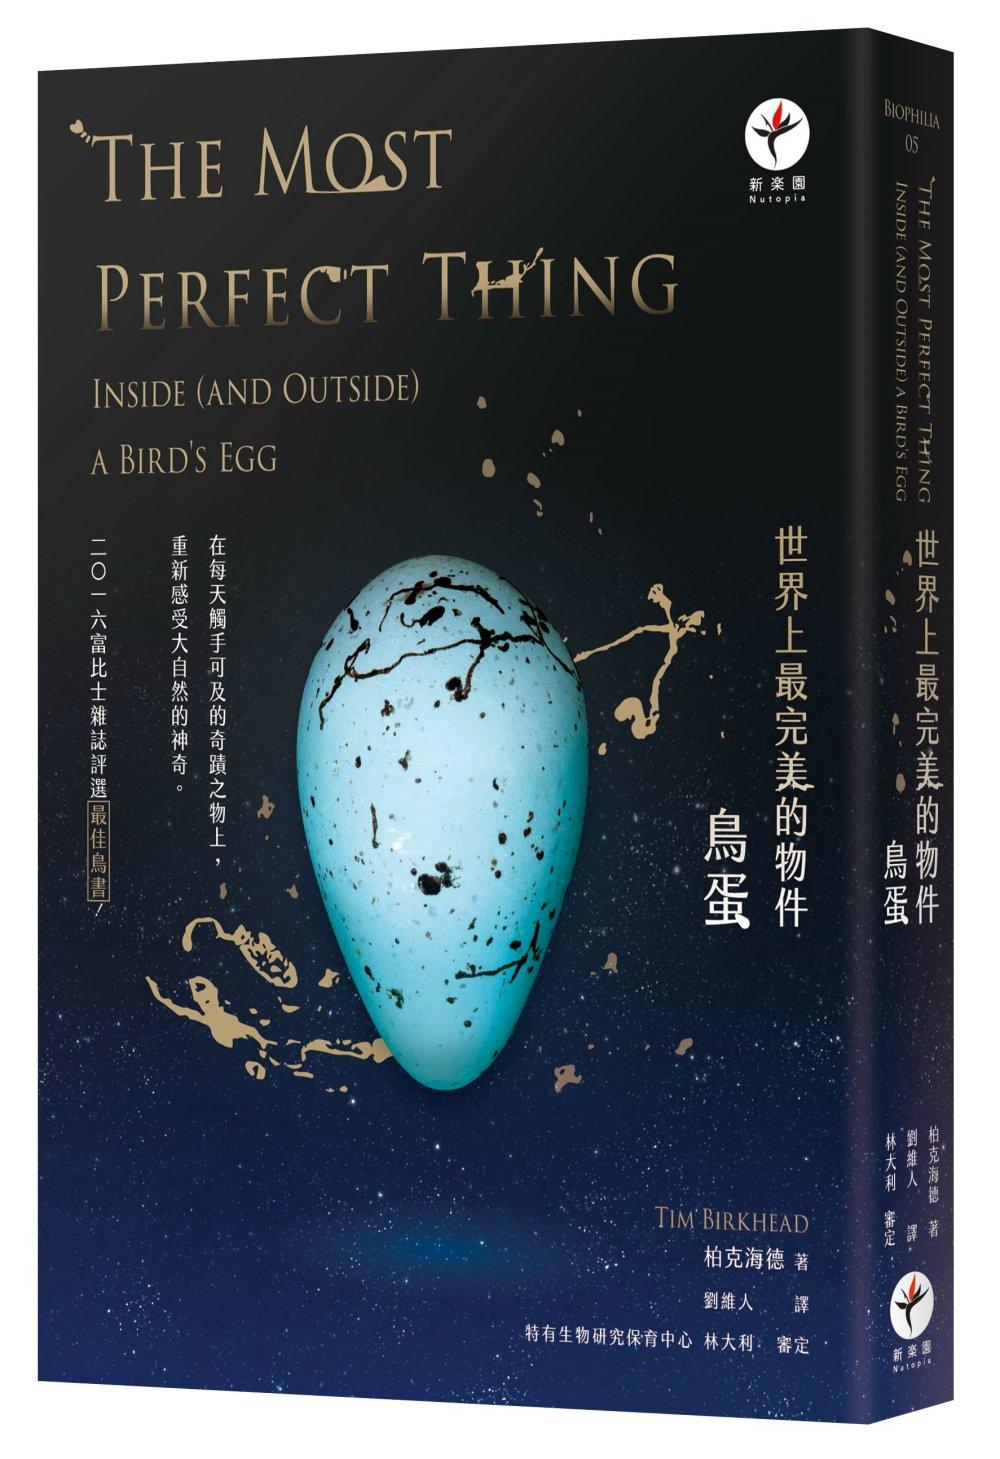 世界上最完美的物件:鳥蛋